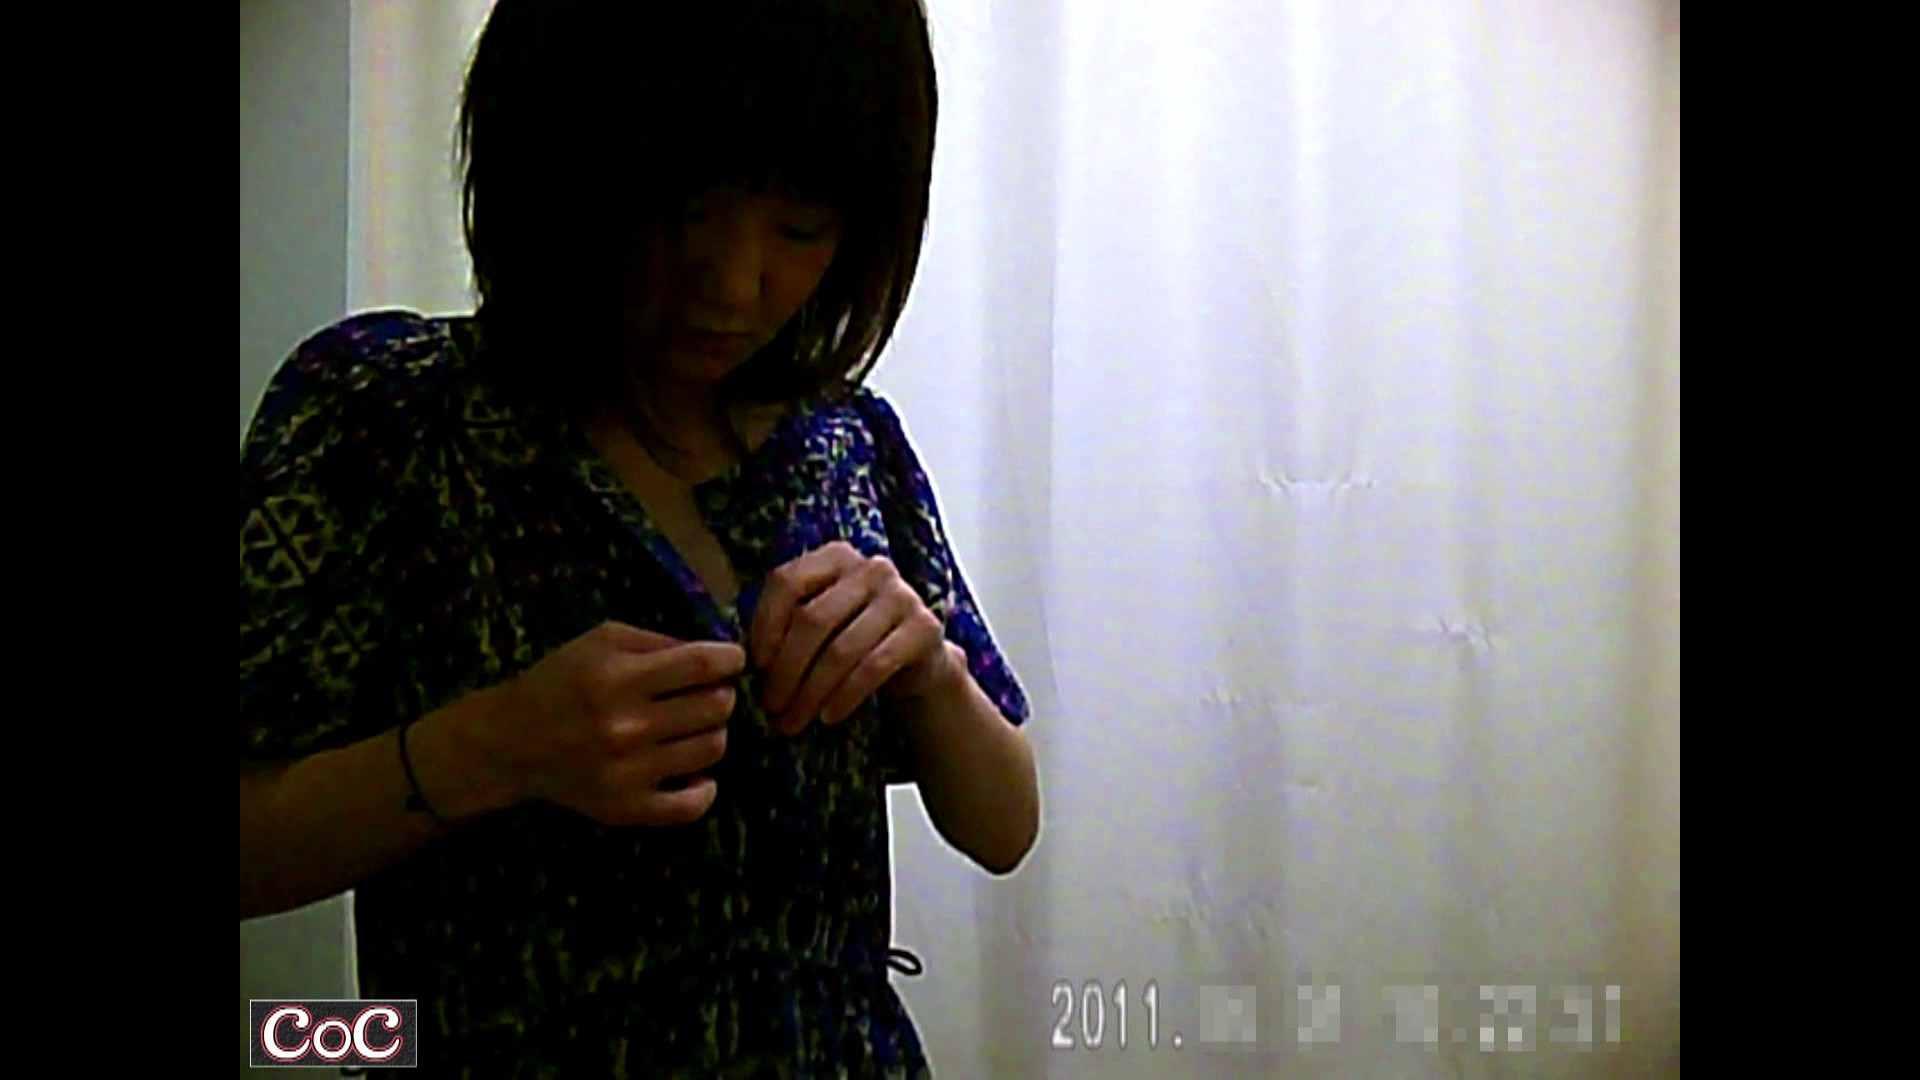 病院おもいっきり着替え! vol.02 盗撮 のぞき動画画像 50PIX 31